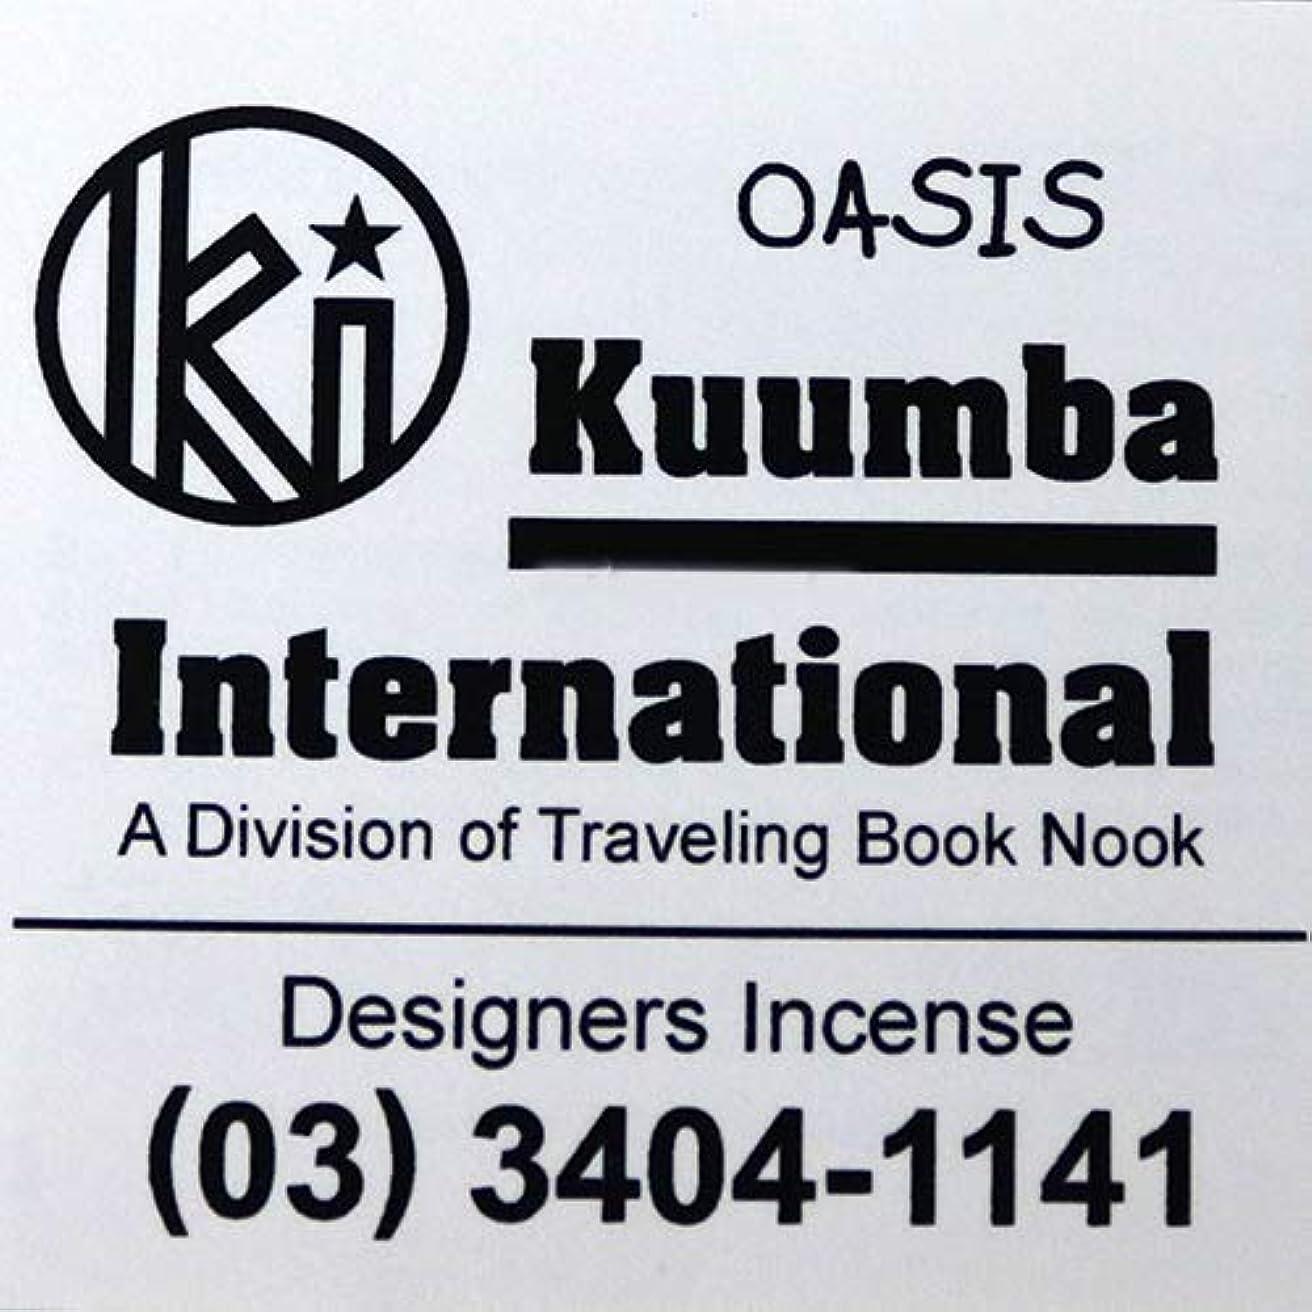 カートリッジ減らすにもかかわらず(クンバ) KUUMBA『incense』(OASIS) (OASIS, Regular size)